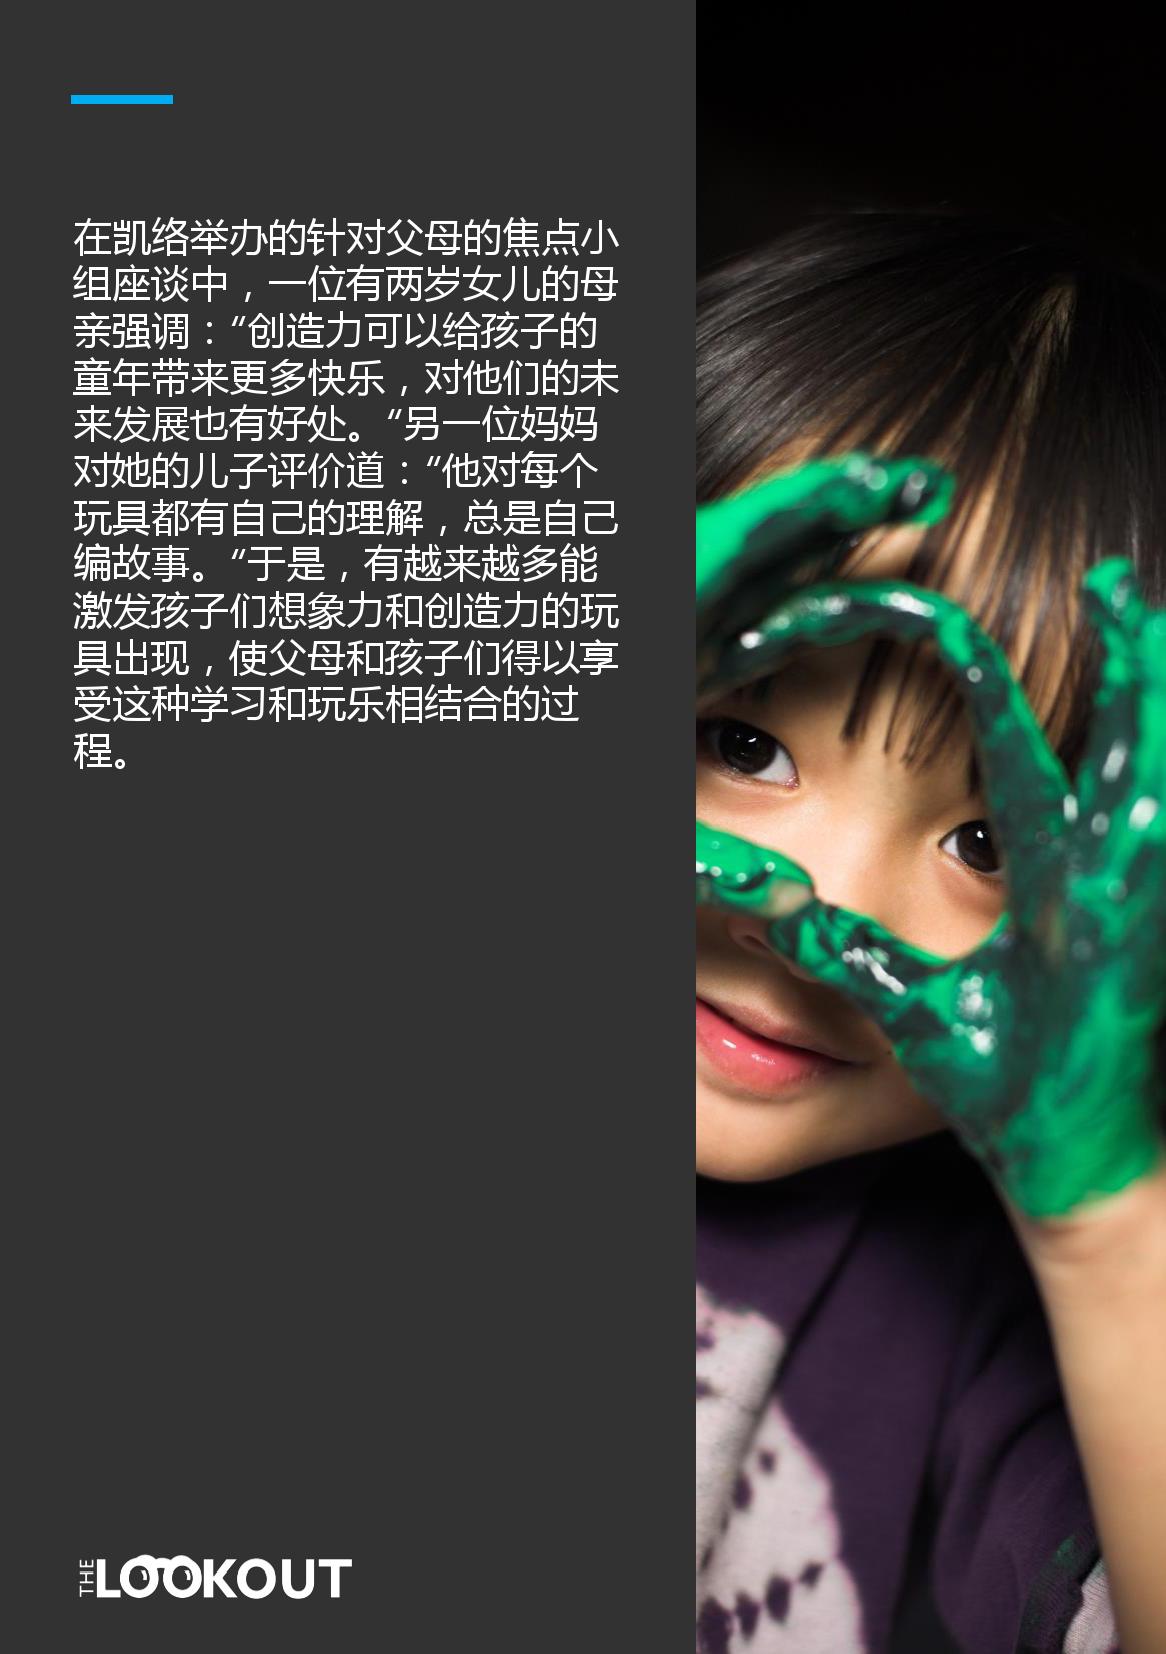 玩具的未来_000017